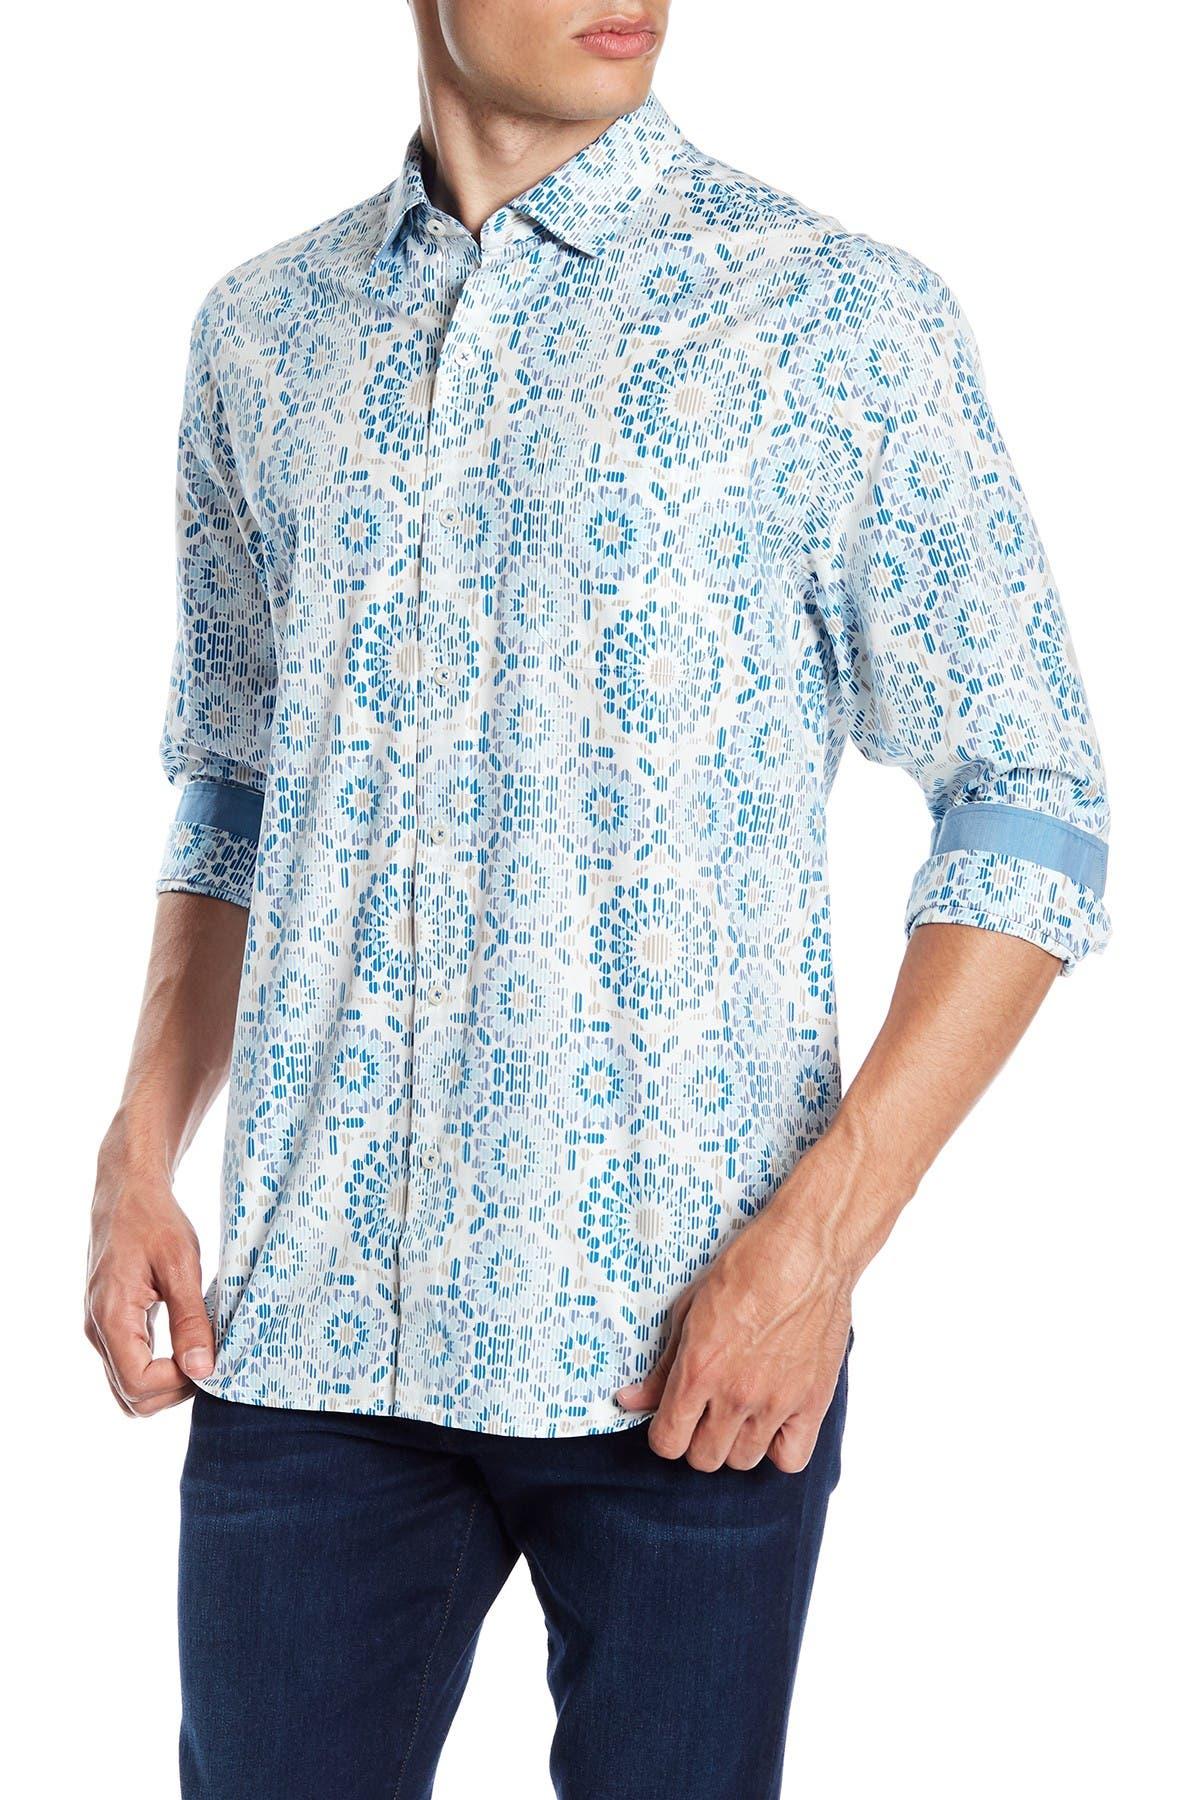 Image of Tommy Bahama Mosaic Long Sleeve Shirt